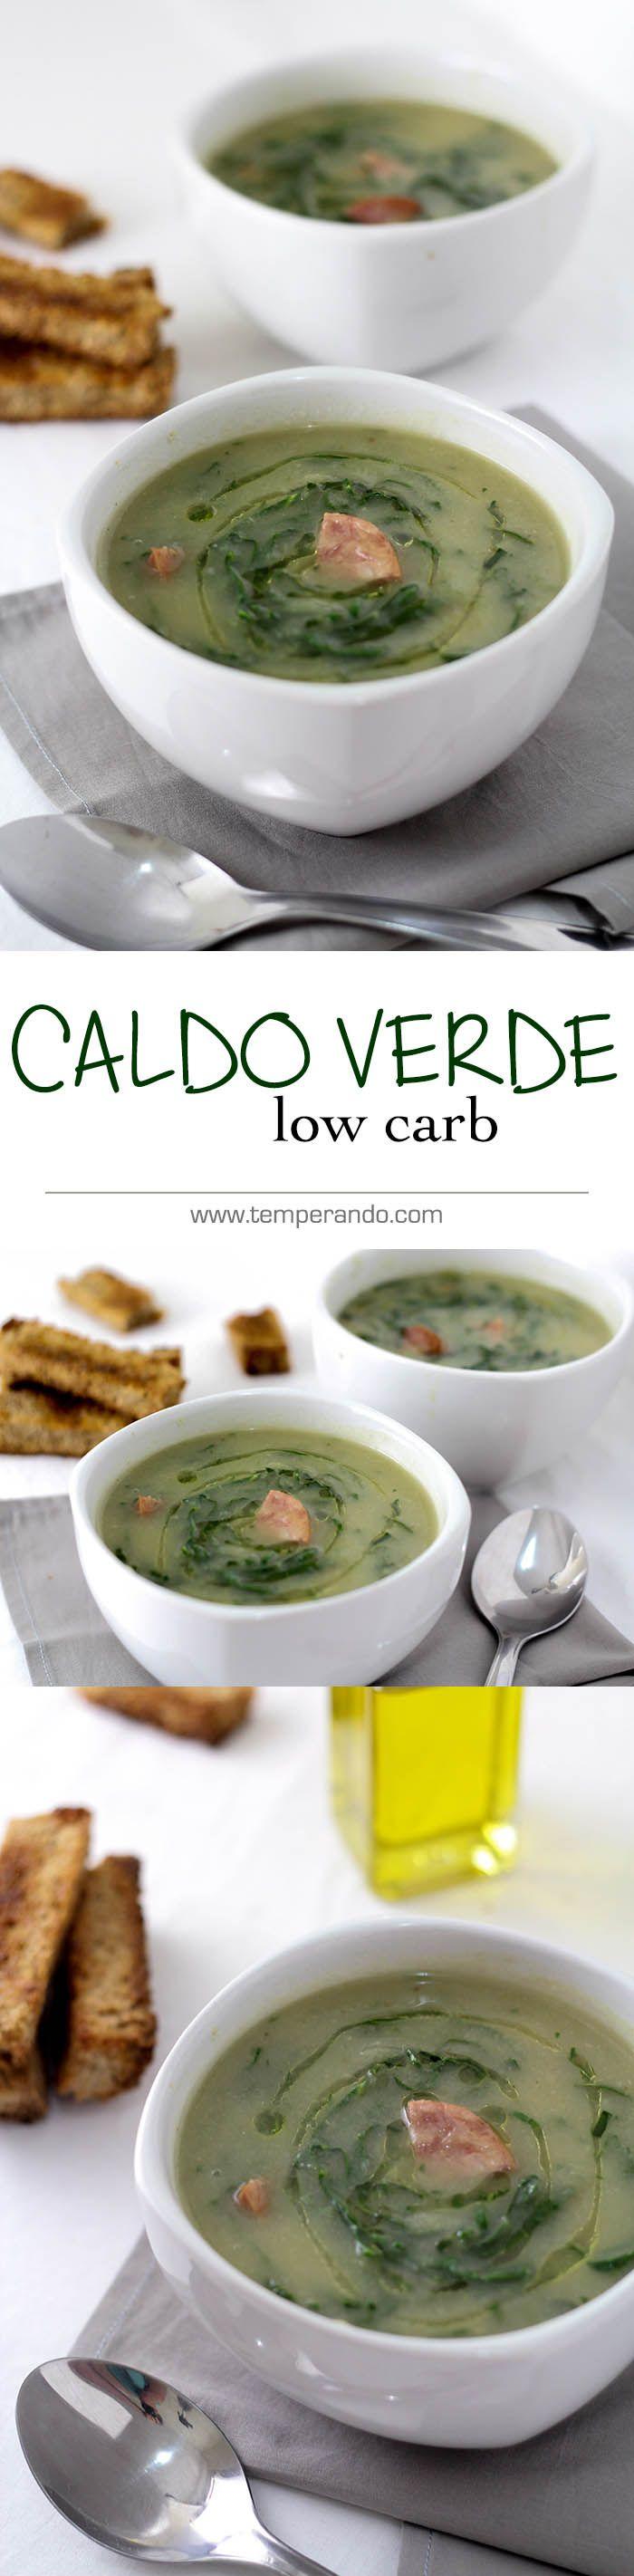 CALDO VERDE - Receita deliciosa de caldo verde adaptada para a versão low carb (baixa em carboidrato), mas igualmente deliciosa e…